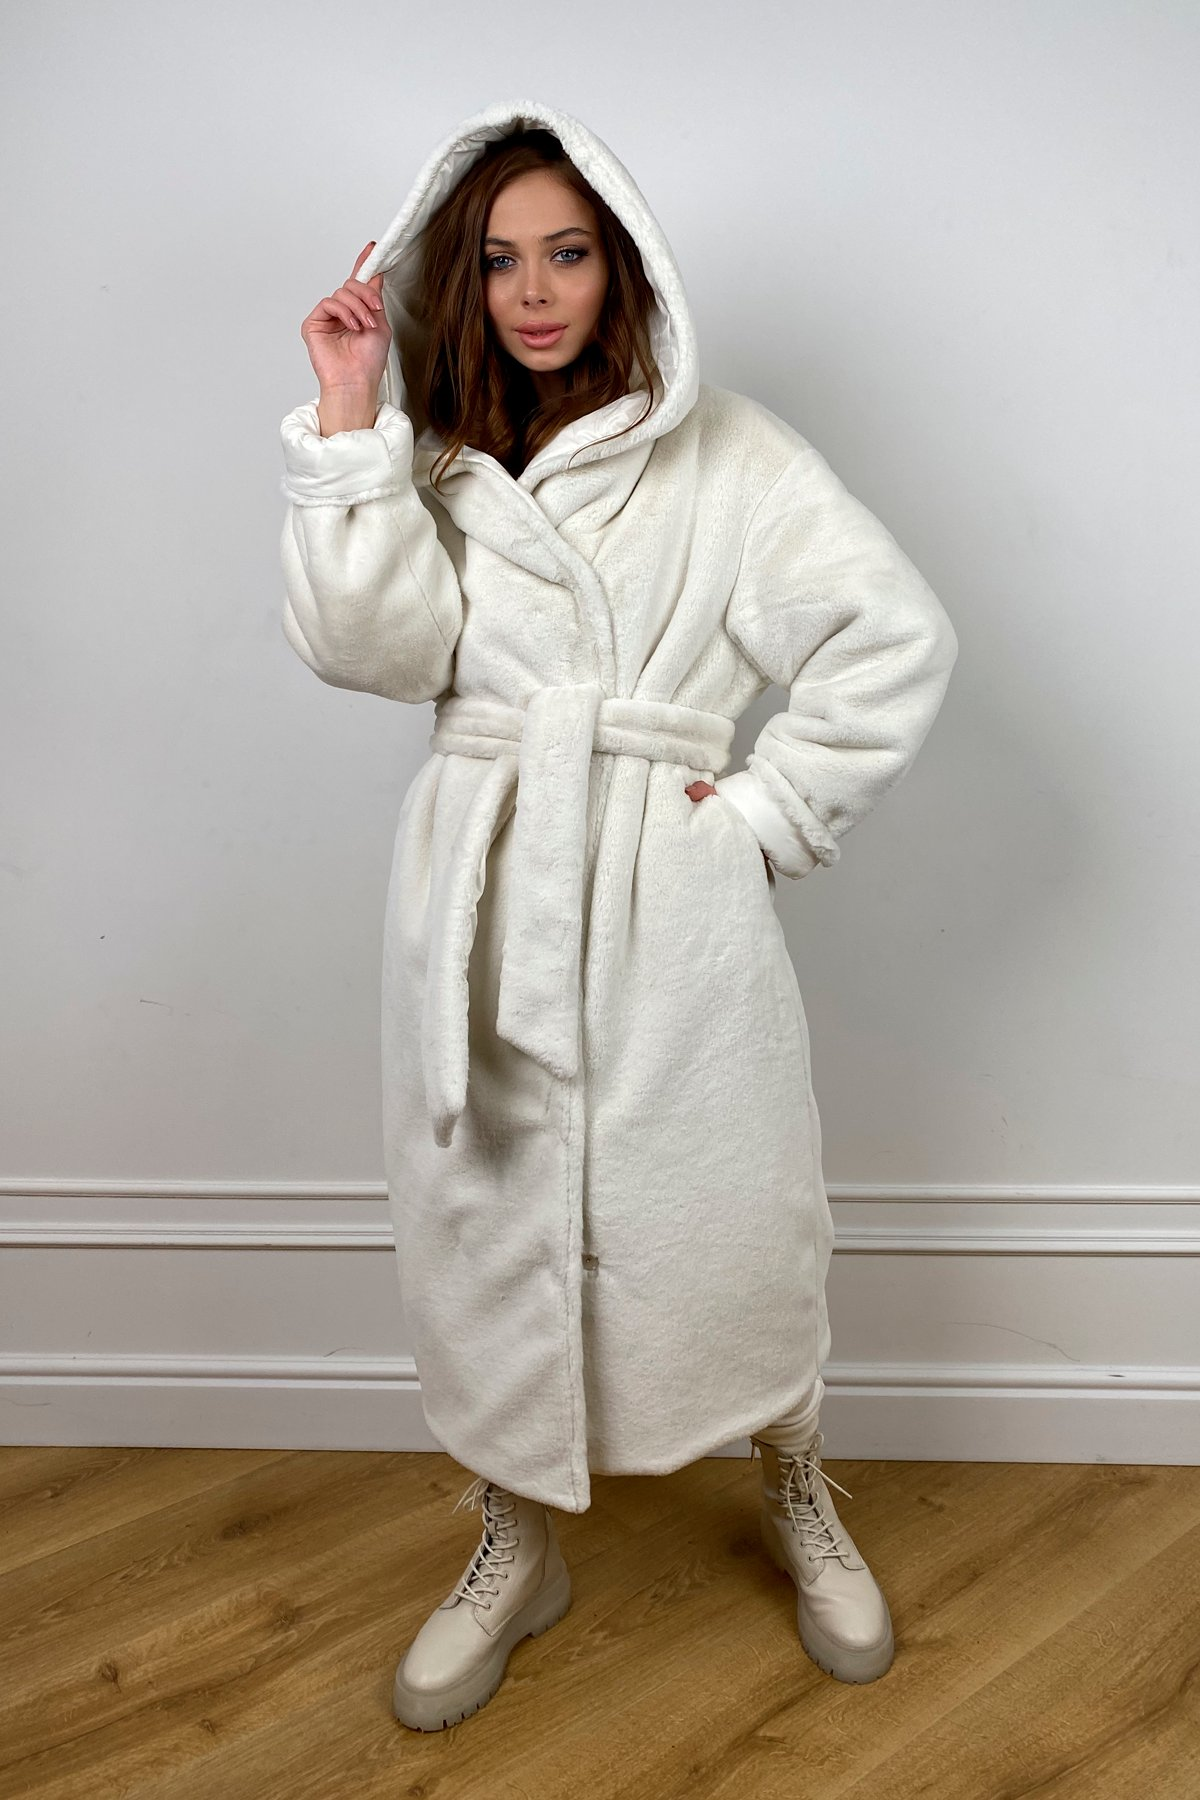 Сноу  теплое двухстороннее пальто из  еко меха и плотной  плащевки 10344 АРТ. 46645 Цвет: Молоко - фото 6, интернет магазин tm-modus.ru